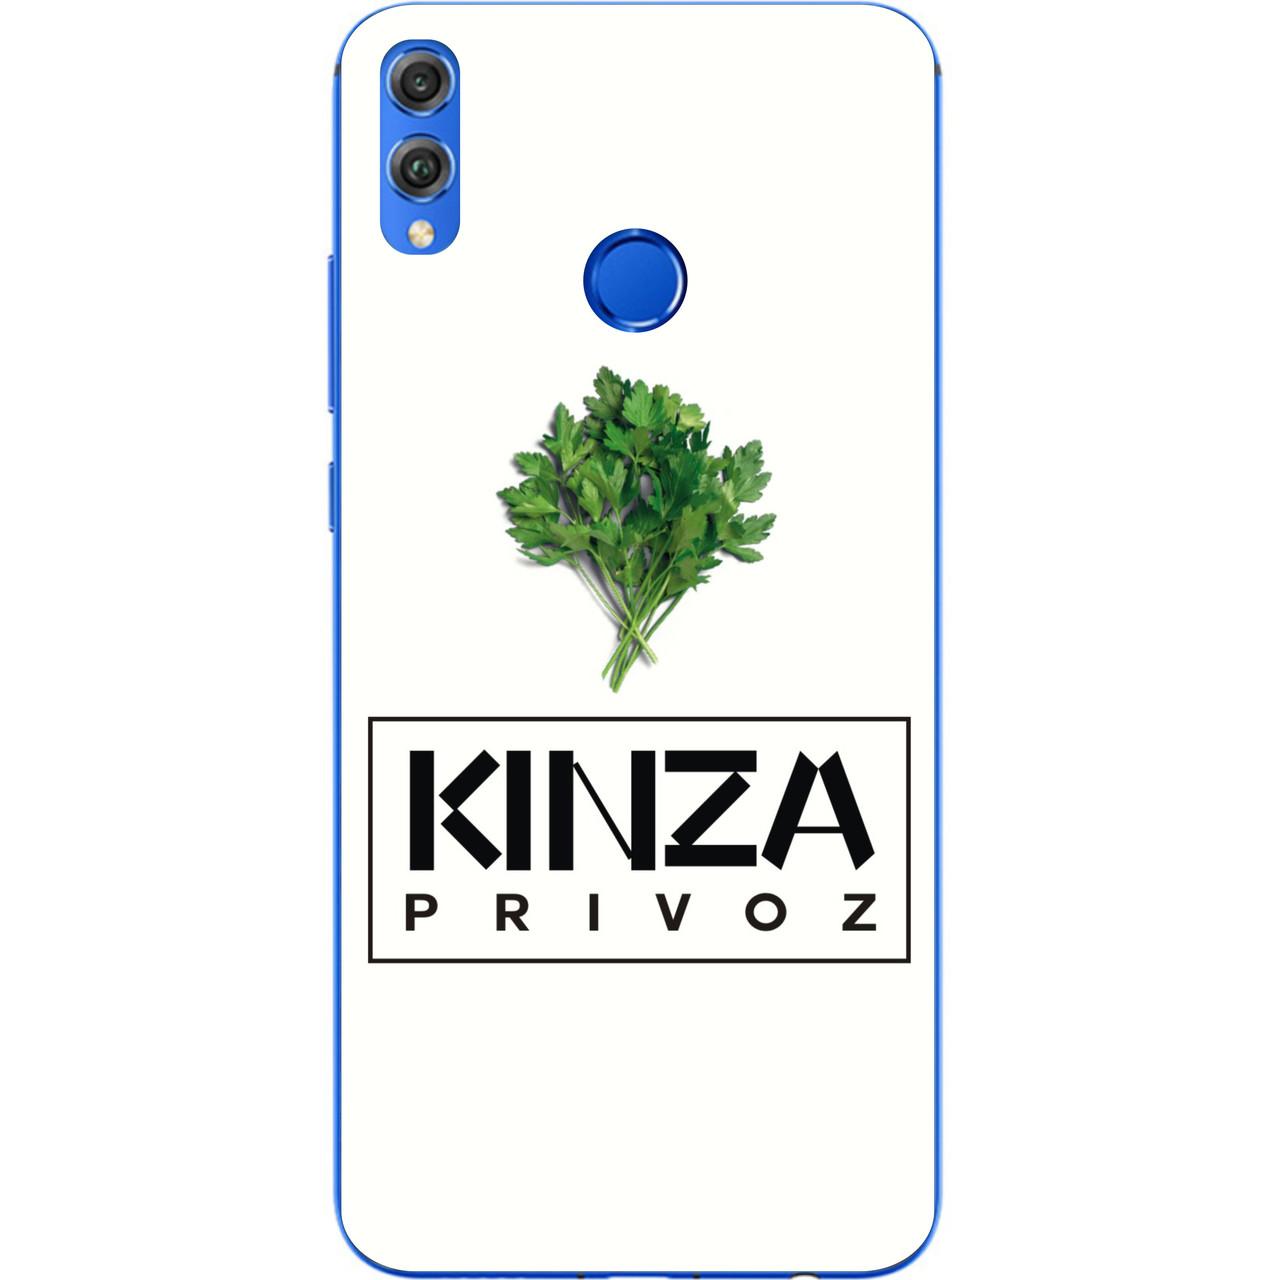 Антибрендовый силиконовый чехол для Huawei Y9 2019 с картинкой Kinza Privoz